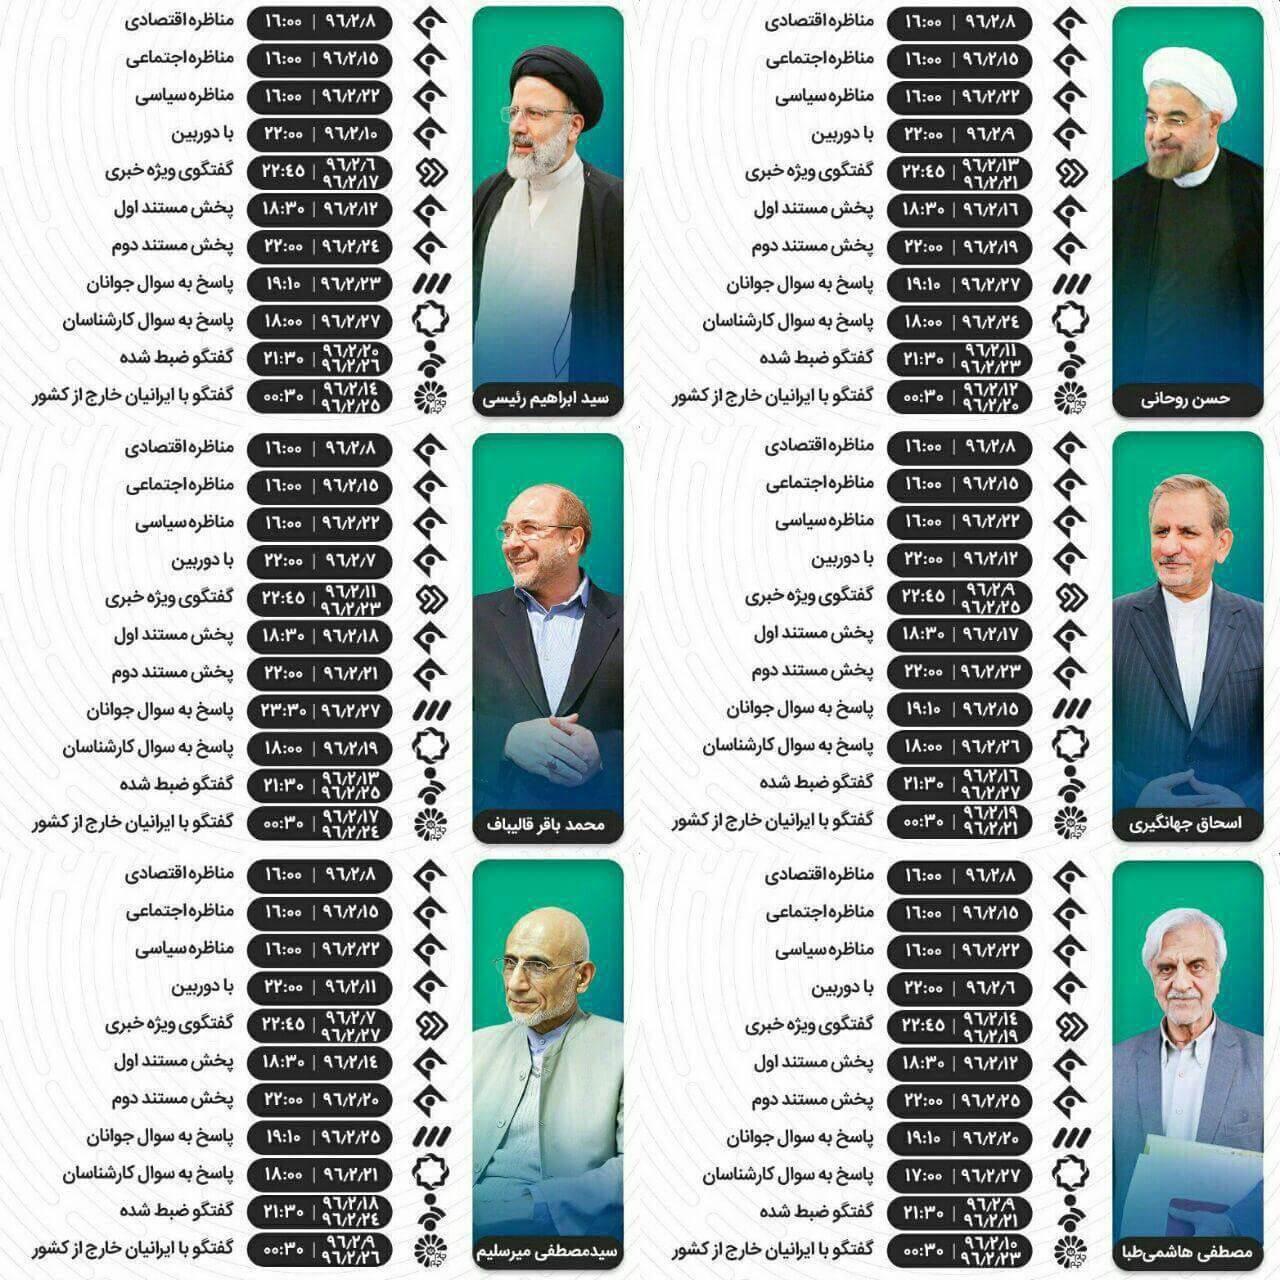 برنامه نامزدهای انتخابات 1396